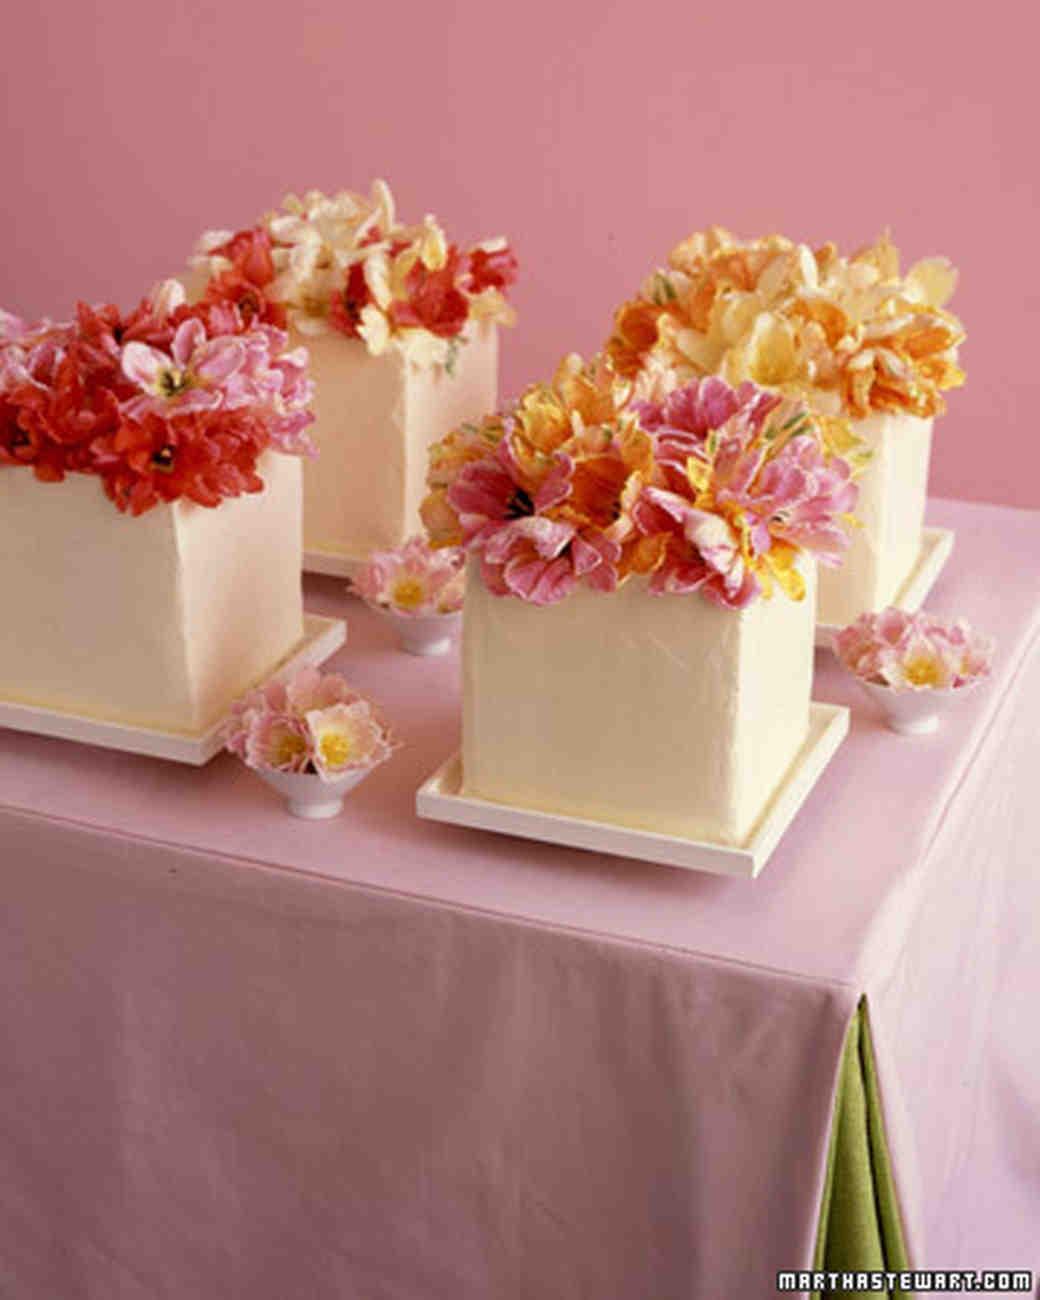 062805_wed_cake01.jpg